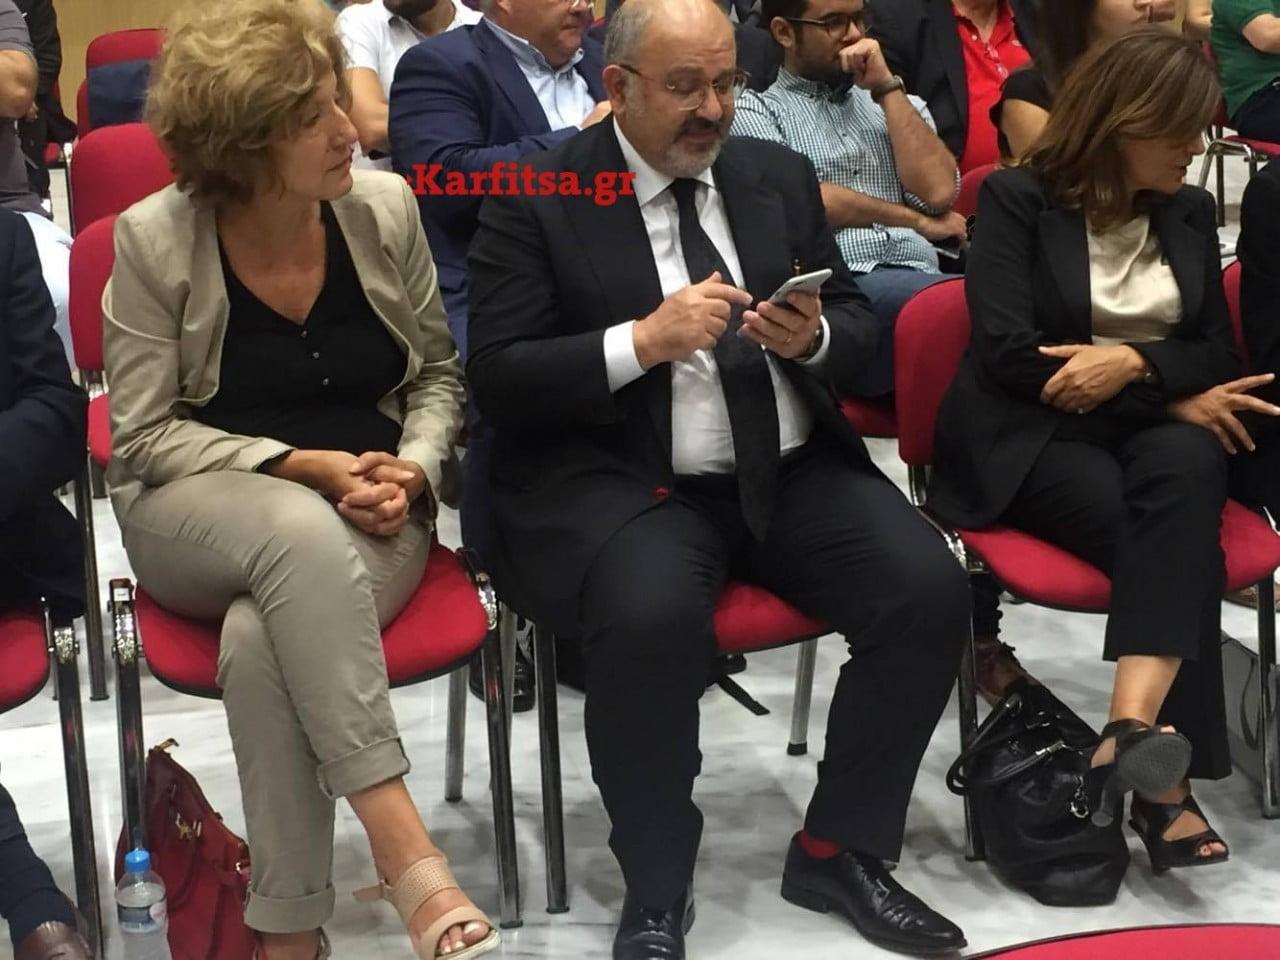 Αναγνωστοπούλου Ξυδάκης κόκκινες κάλτσες συνέντευξη τύπου Τσίπρα Βελλίδειο ΔΕΘ